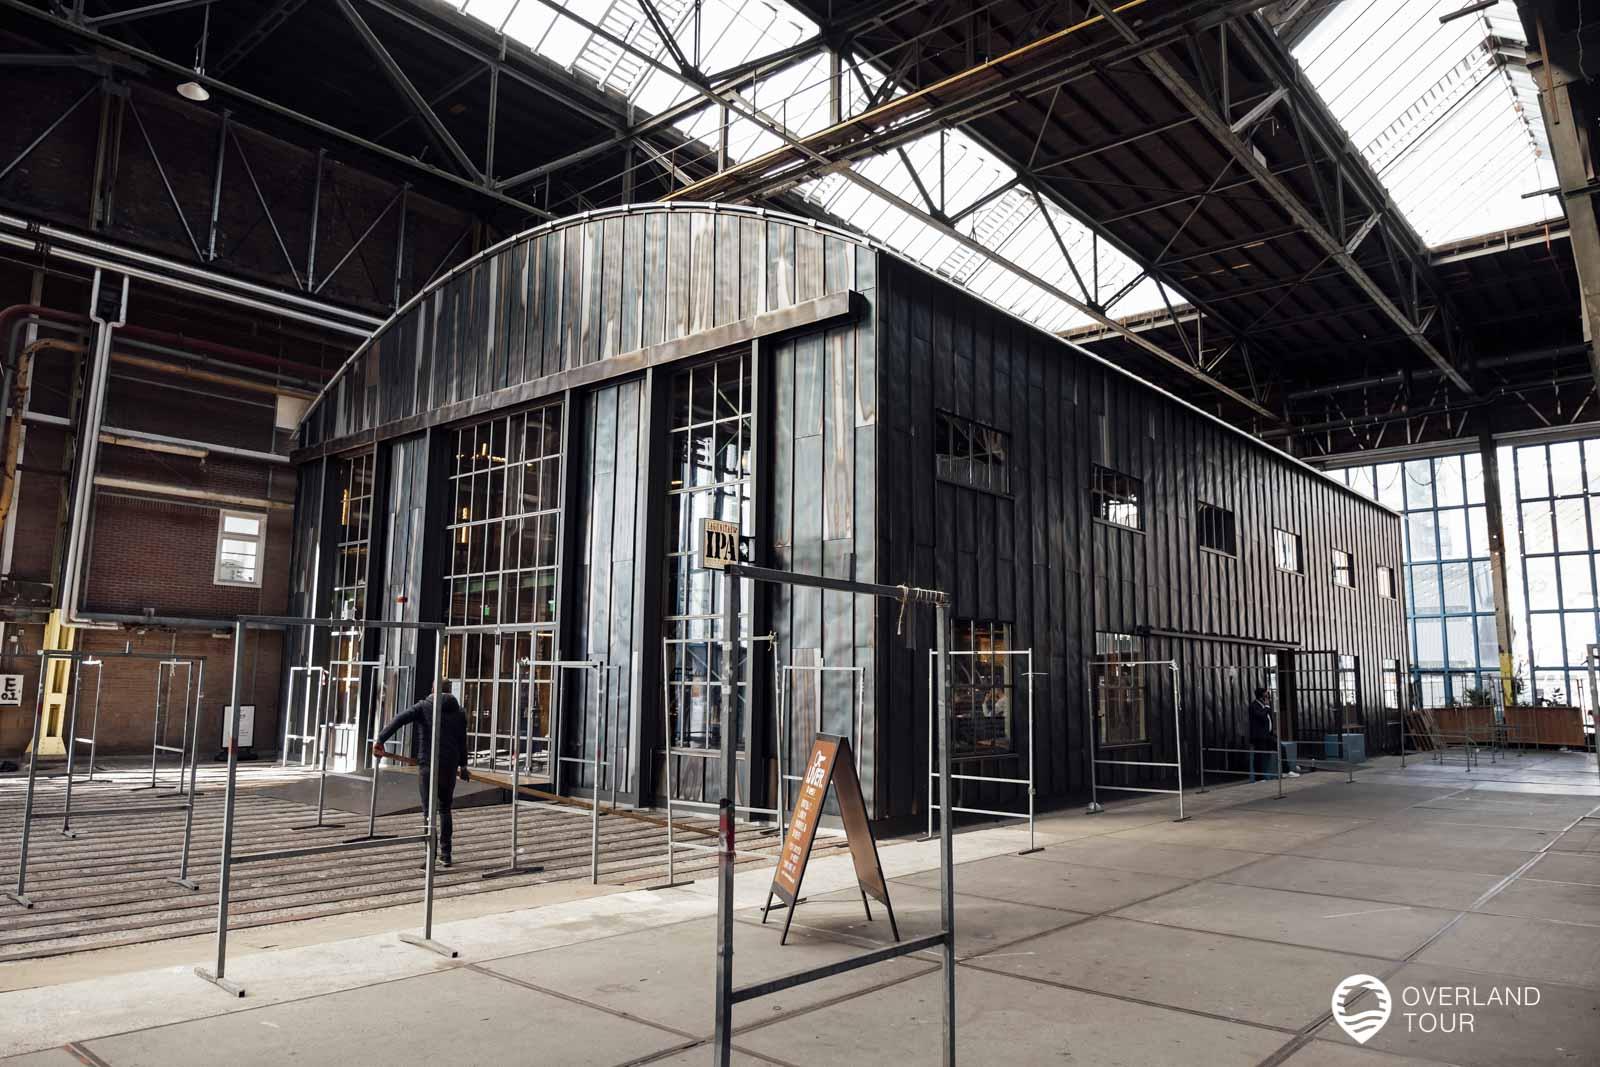 Die NDSM Werft Amsterdam